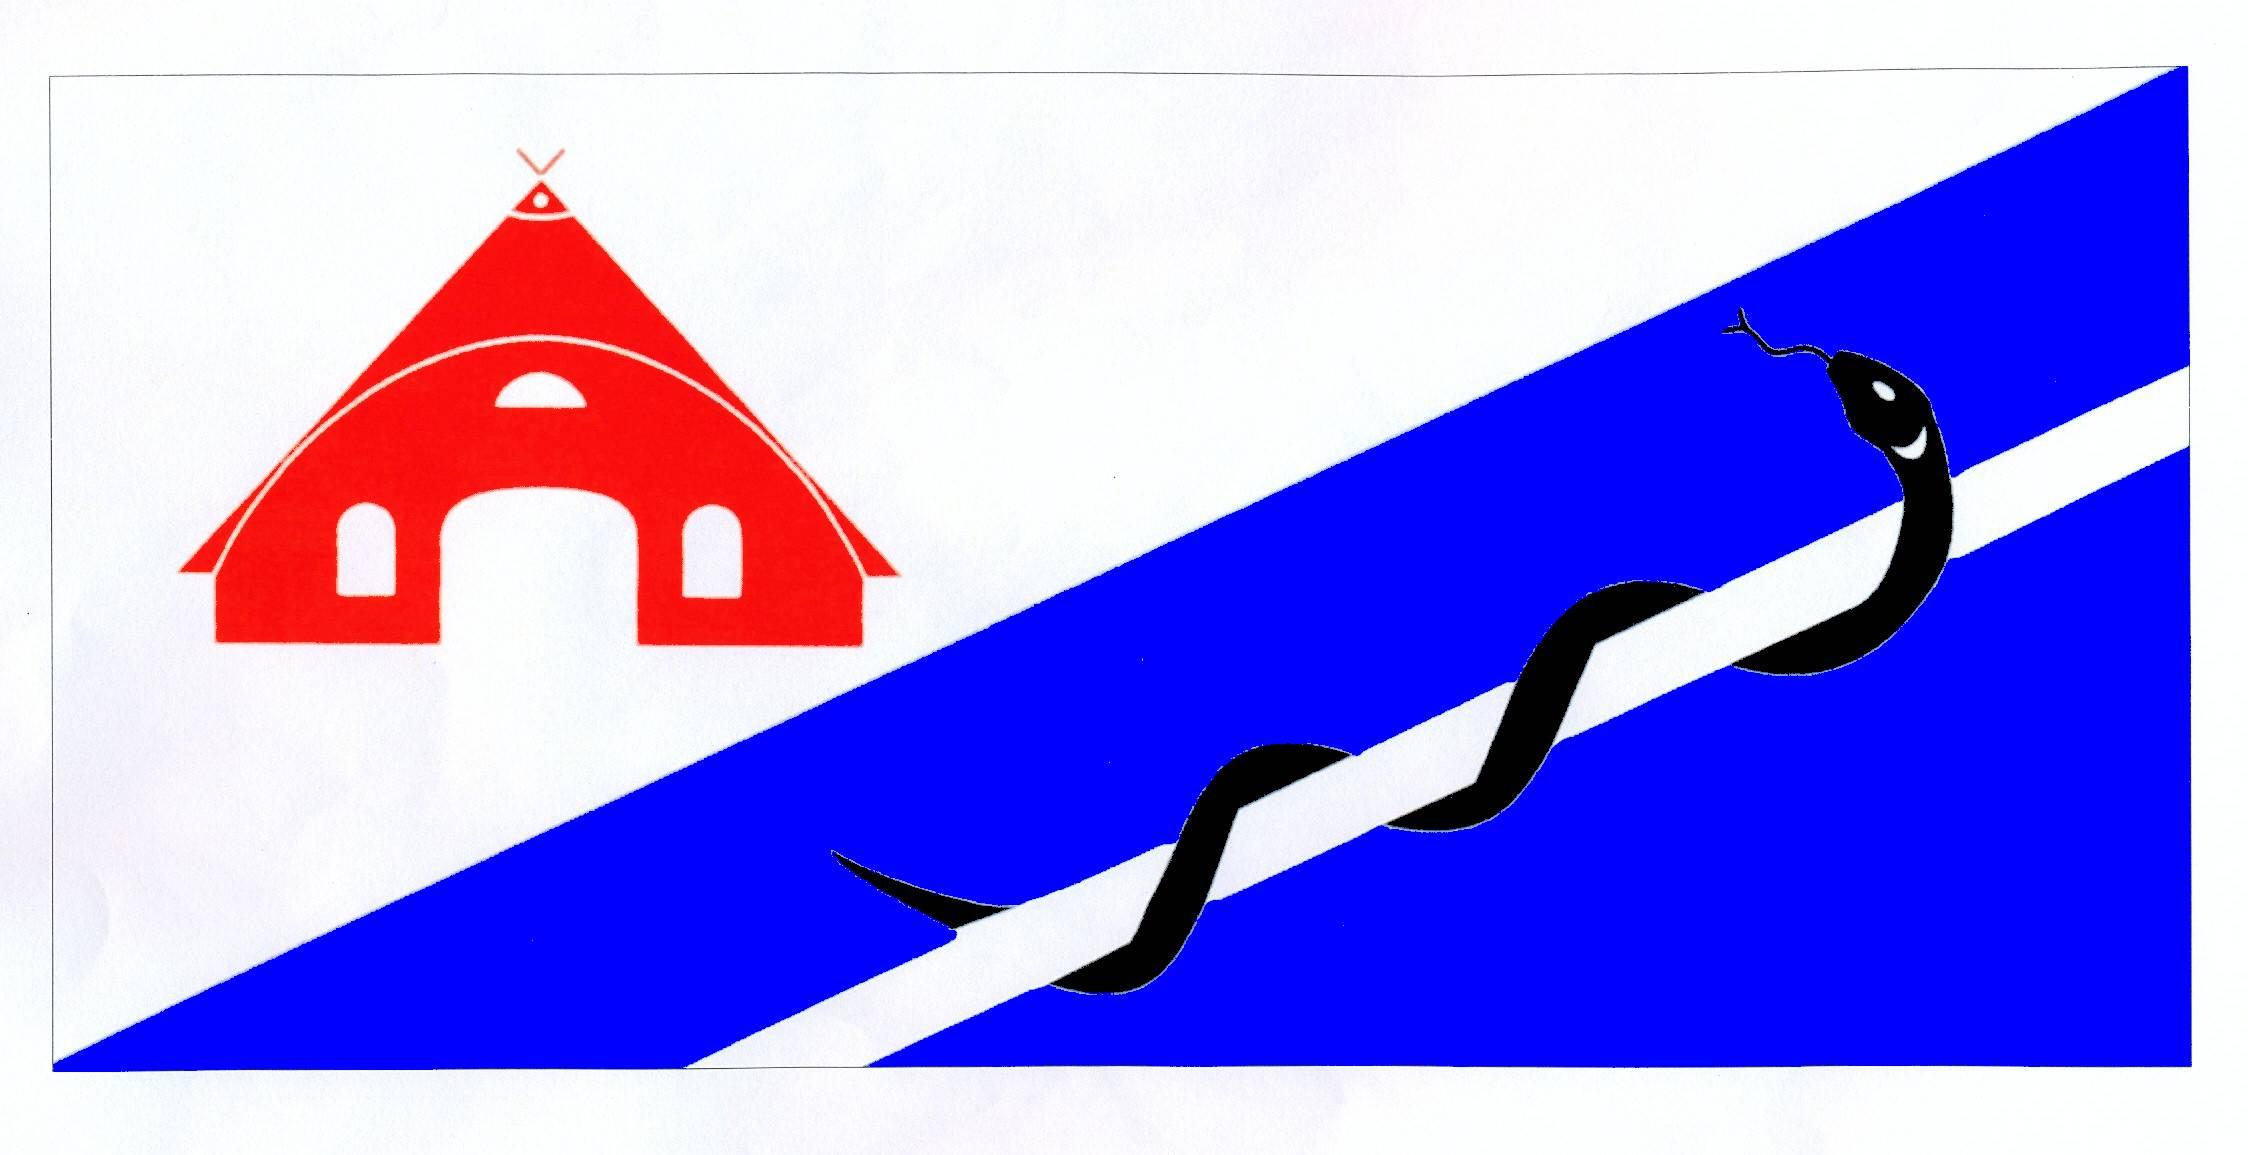 Flagge GemeindeStakendorf, Kreis Plön